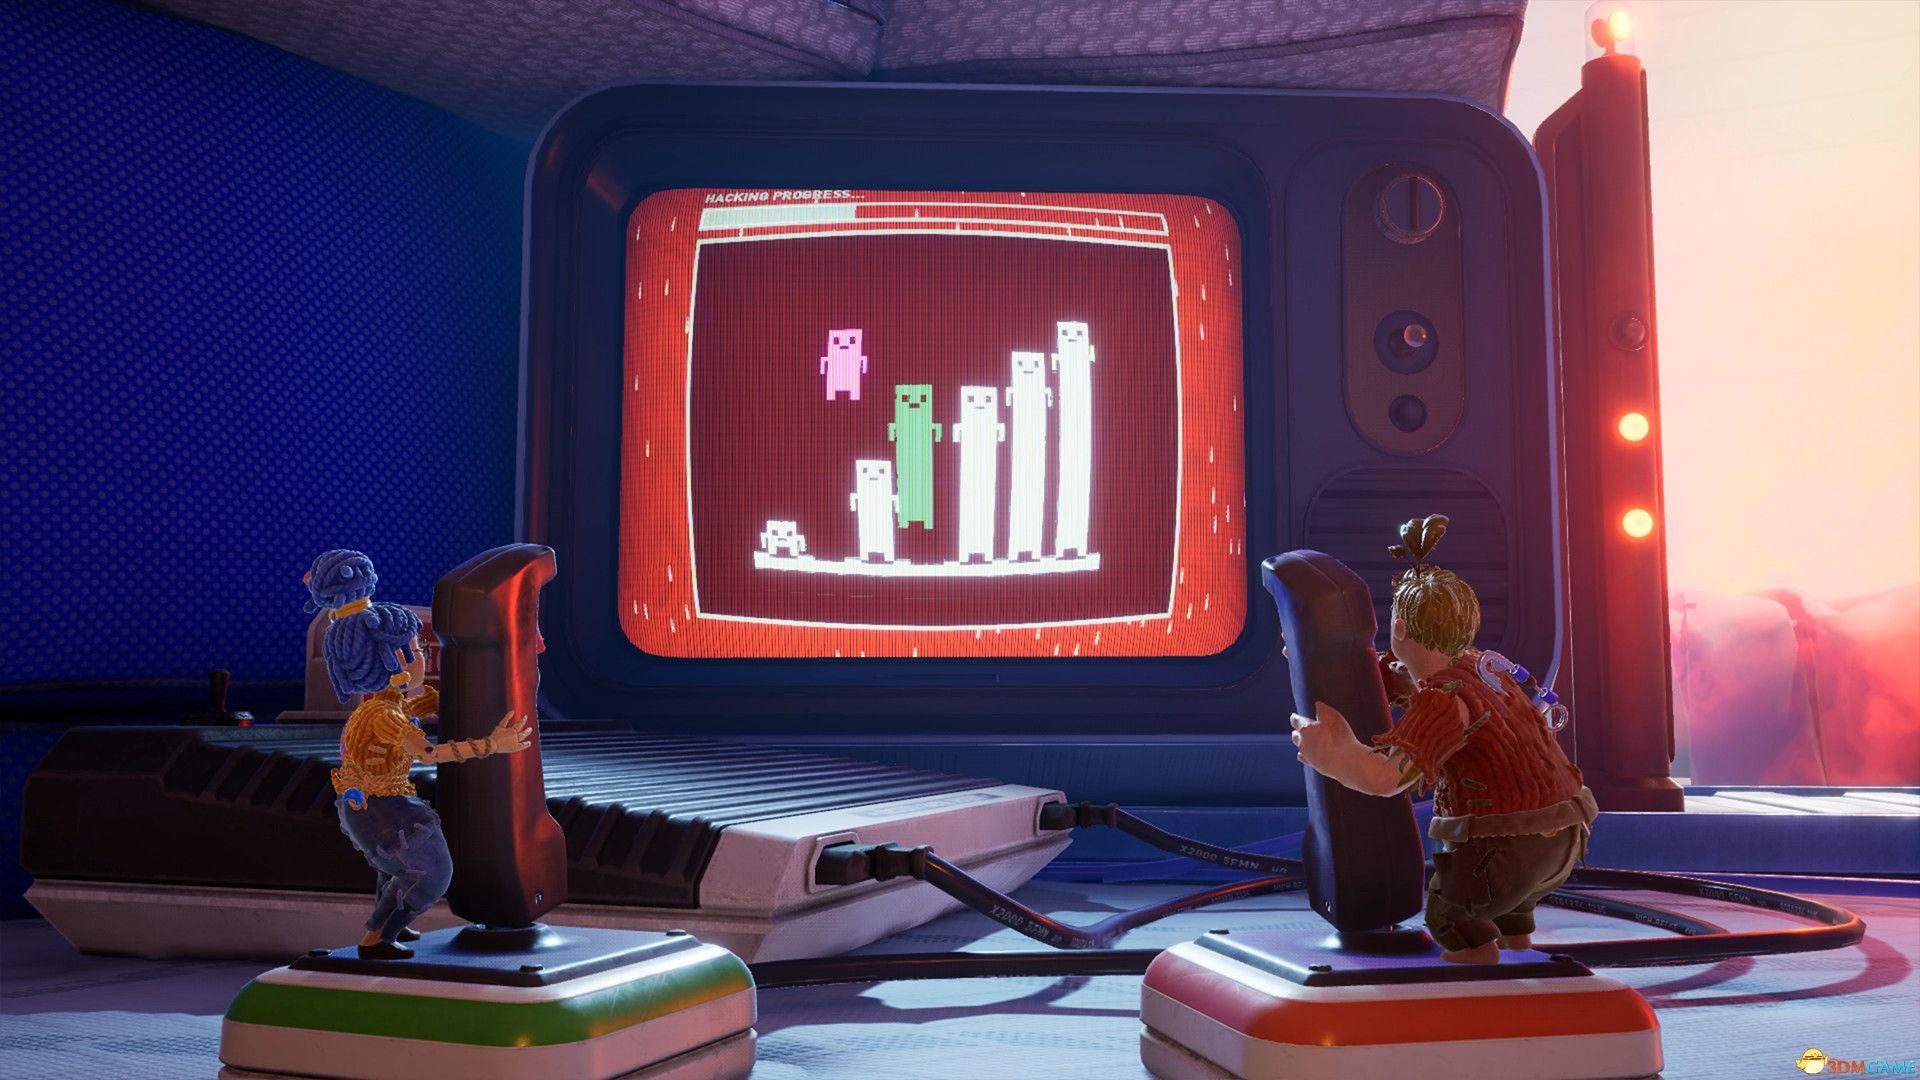 《双人成行》全流程攻略 联机全流程视频攻略